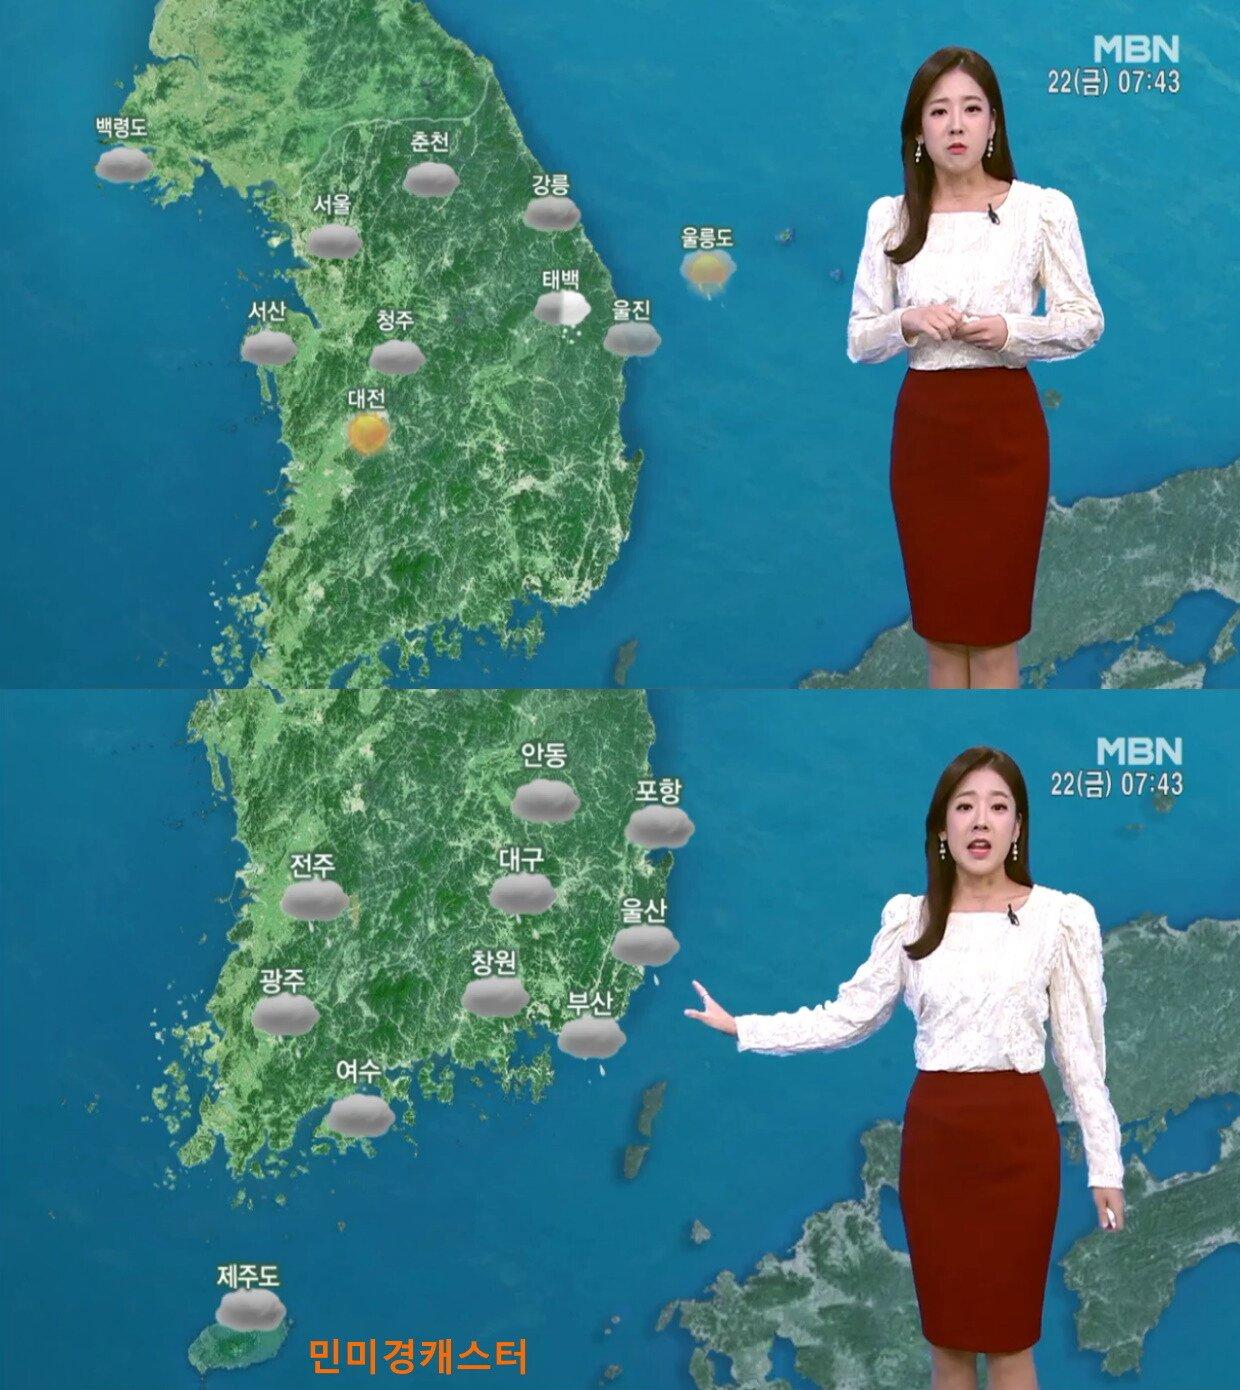 아침28.jpg 오늘 오후부터 내일 오후 남부 및 동해안 중심 비 또는 눈 (중서부 미세먼지)